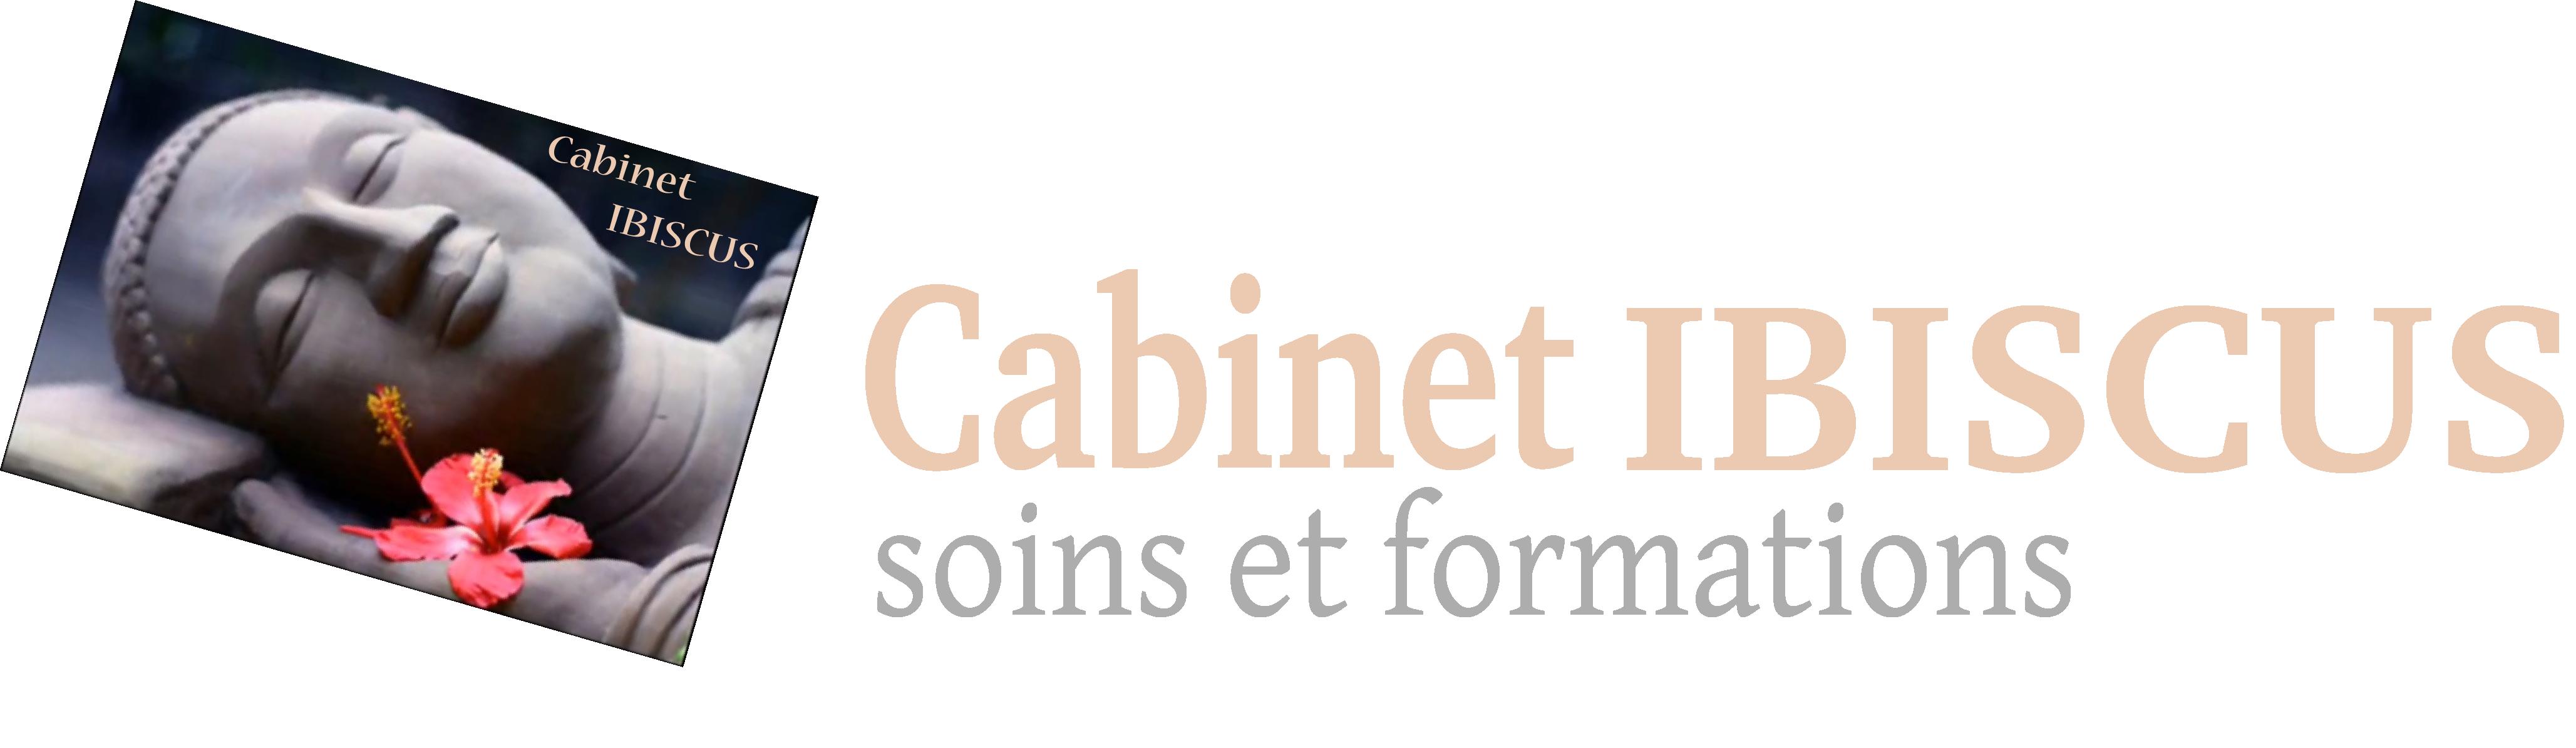 Cabinet Ibiscus